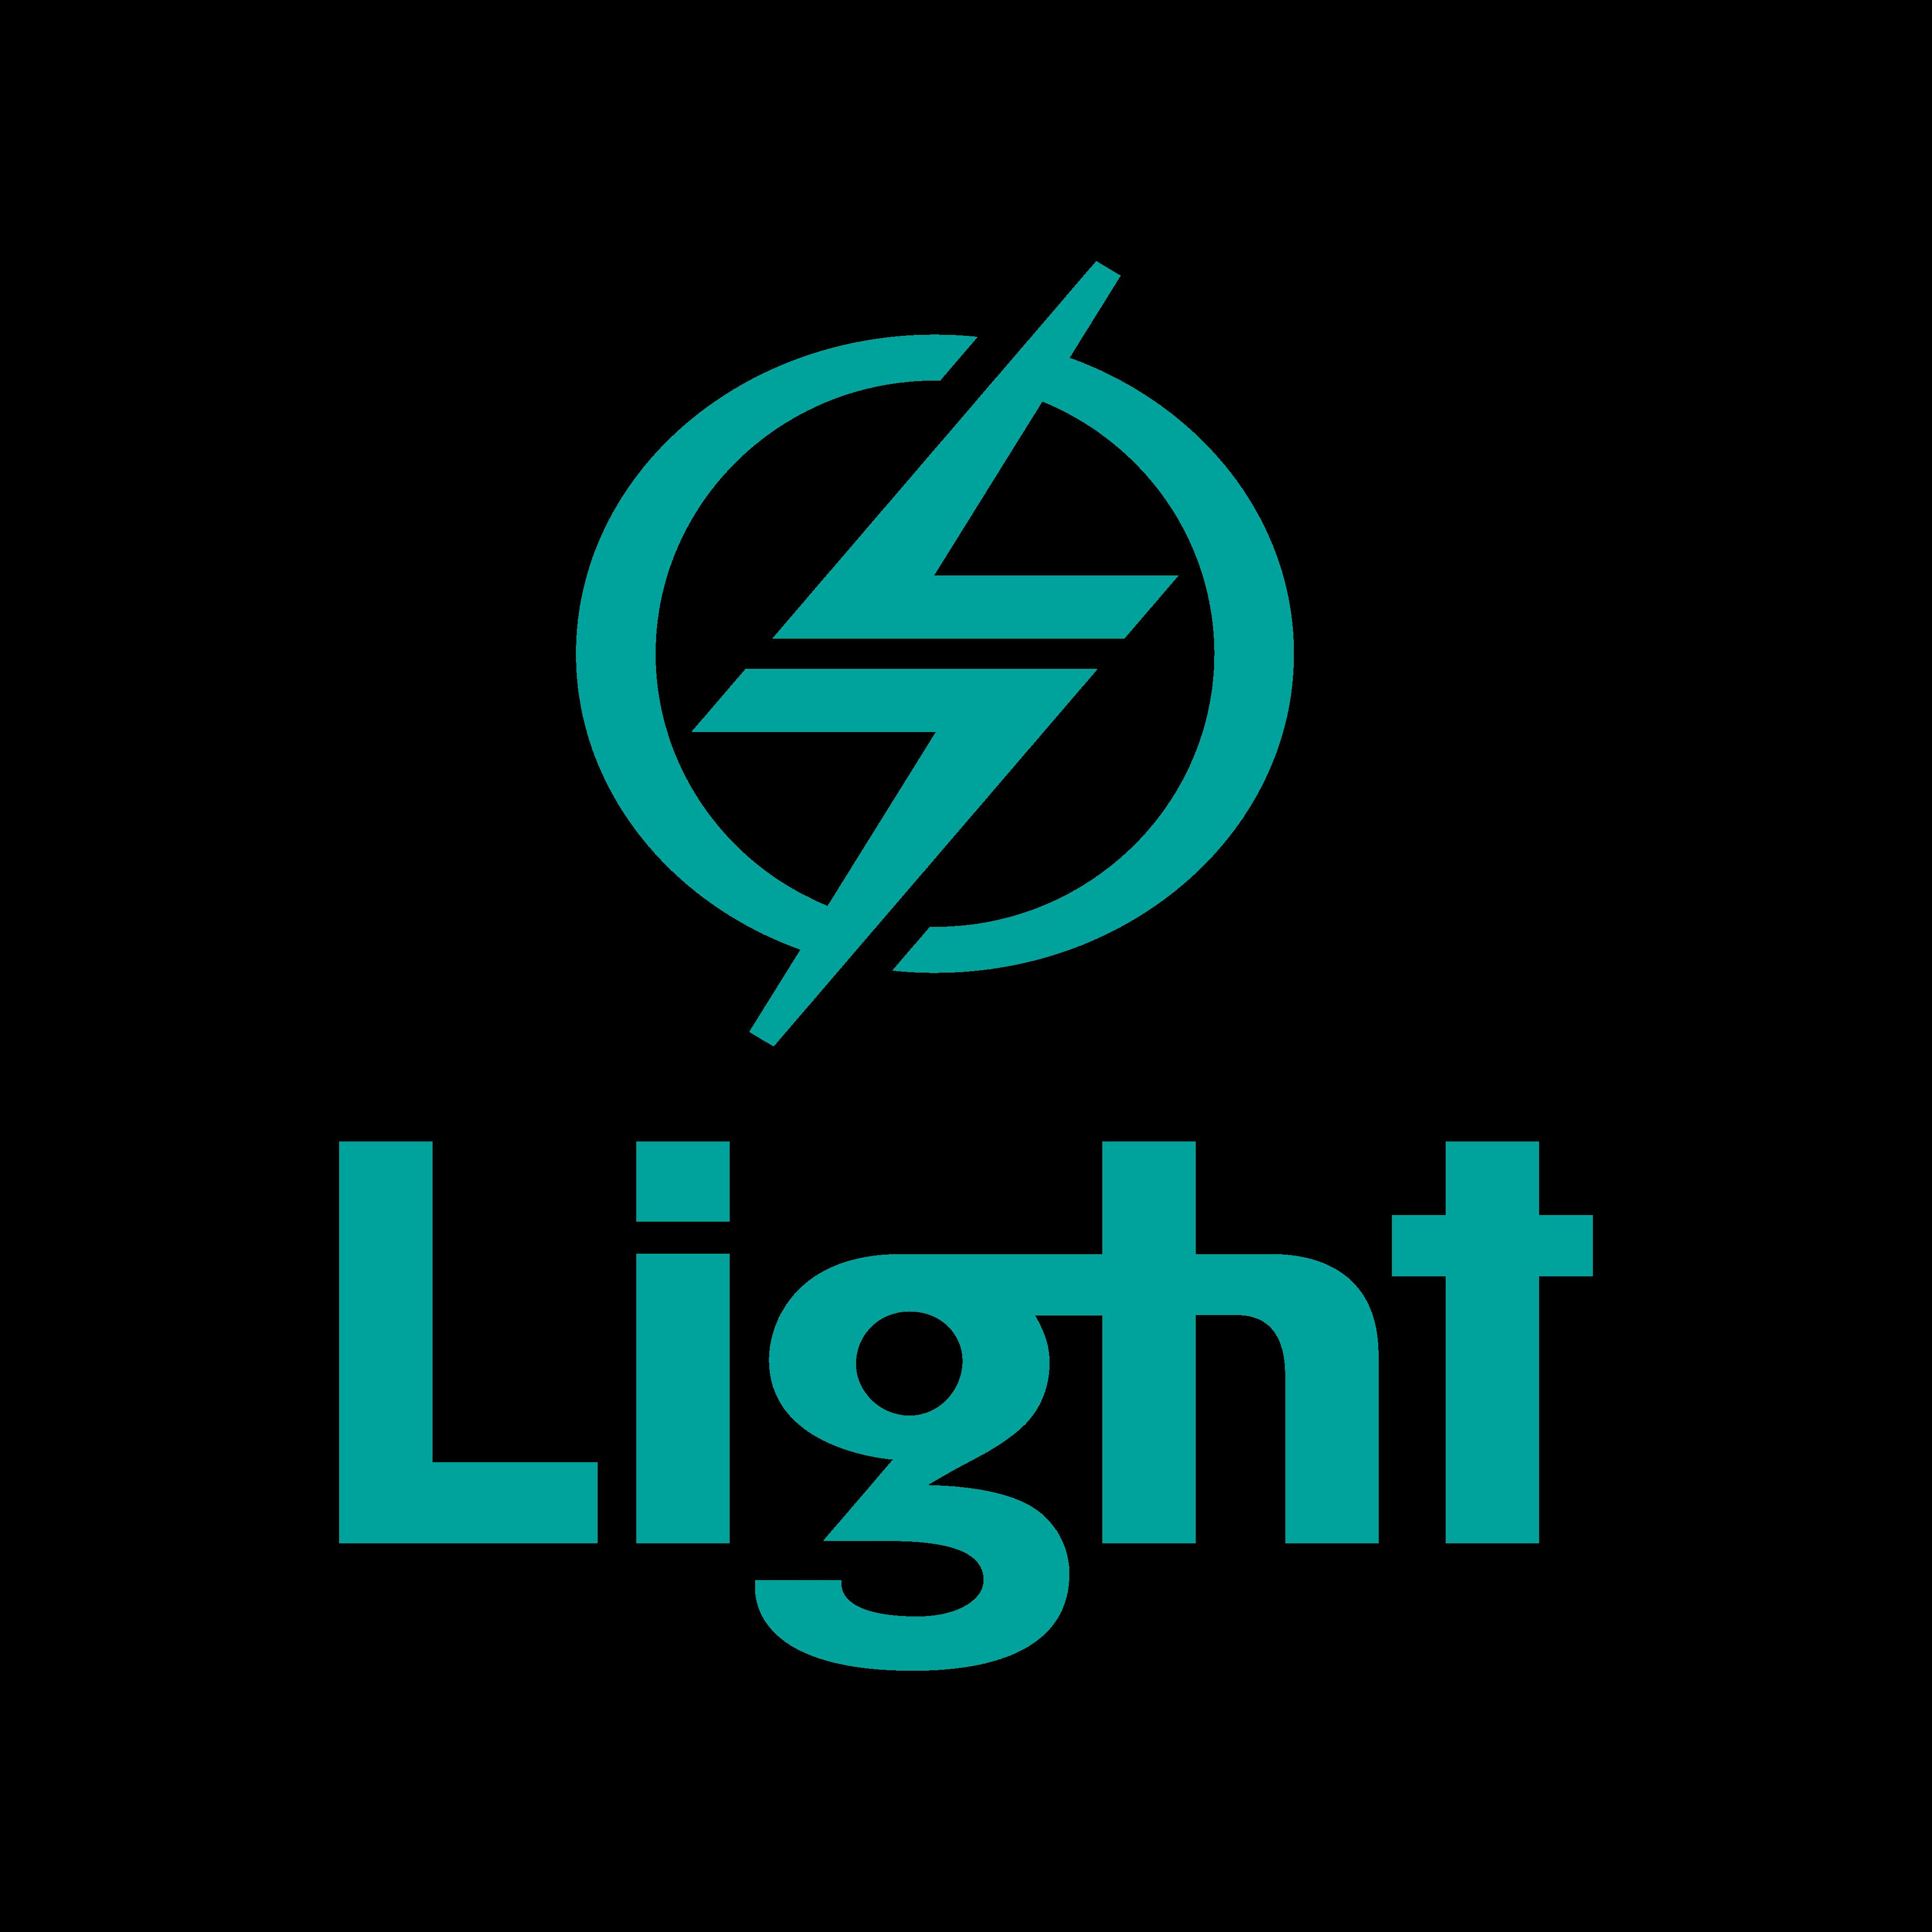 light logo 0 - Light Energia Logo